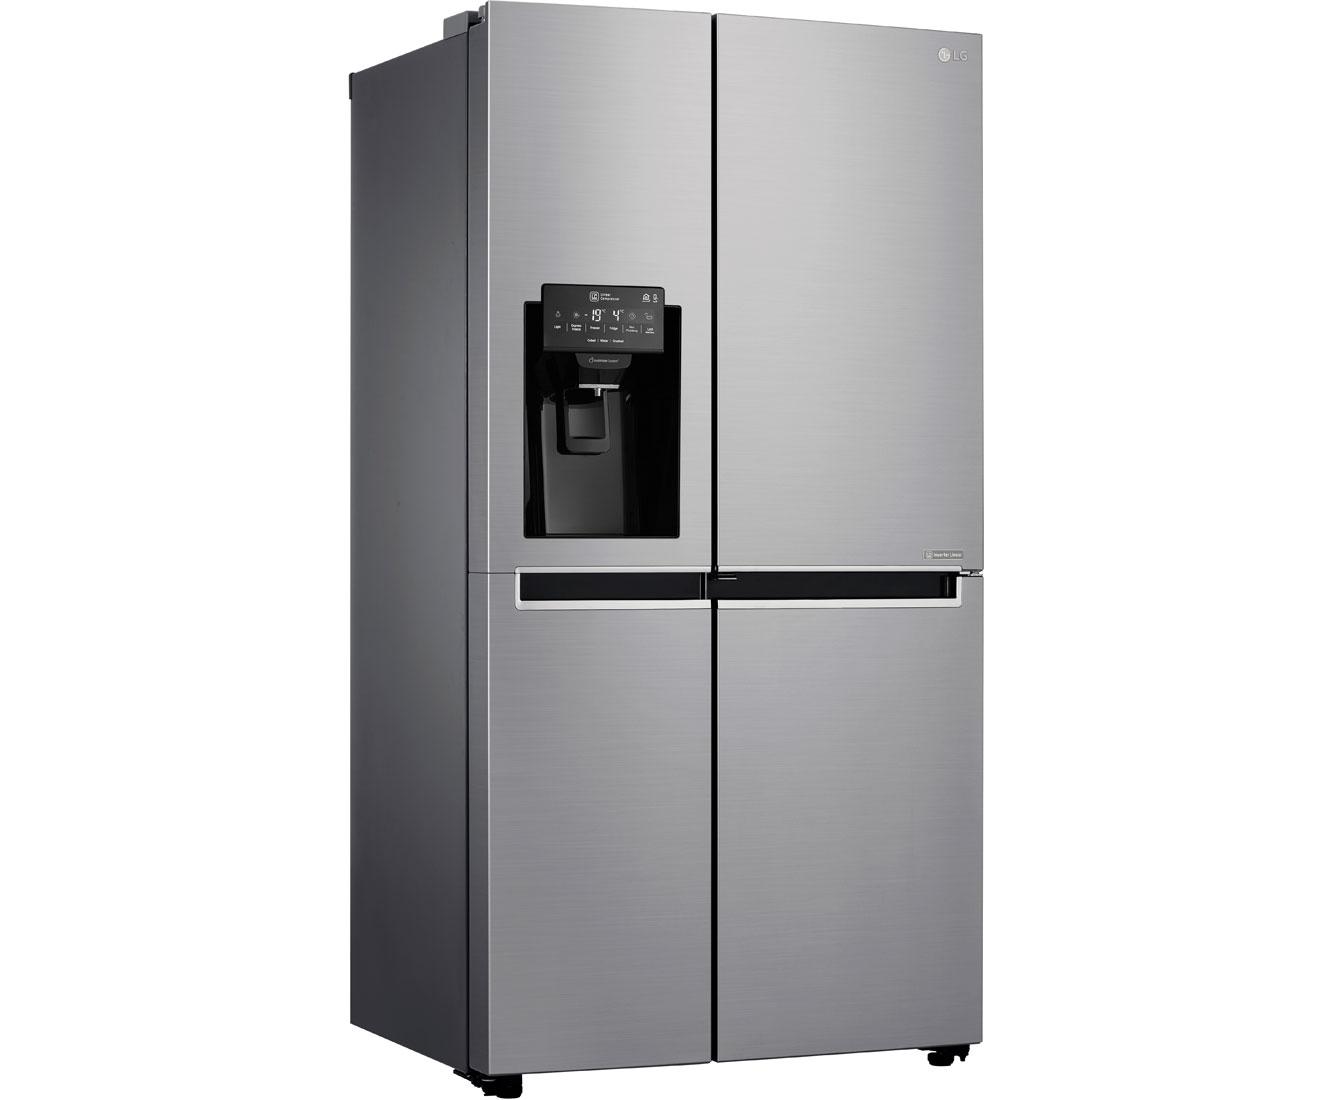 Lg Amerikanischer Kühlschrank Preis : Lg gsj didv amerikanischer side by side mit wasserspender